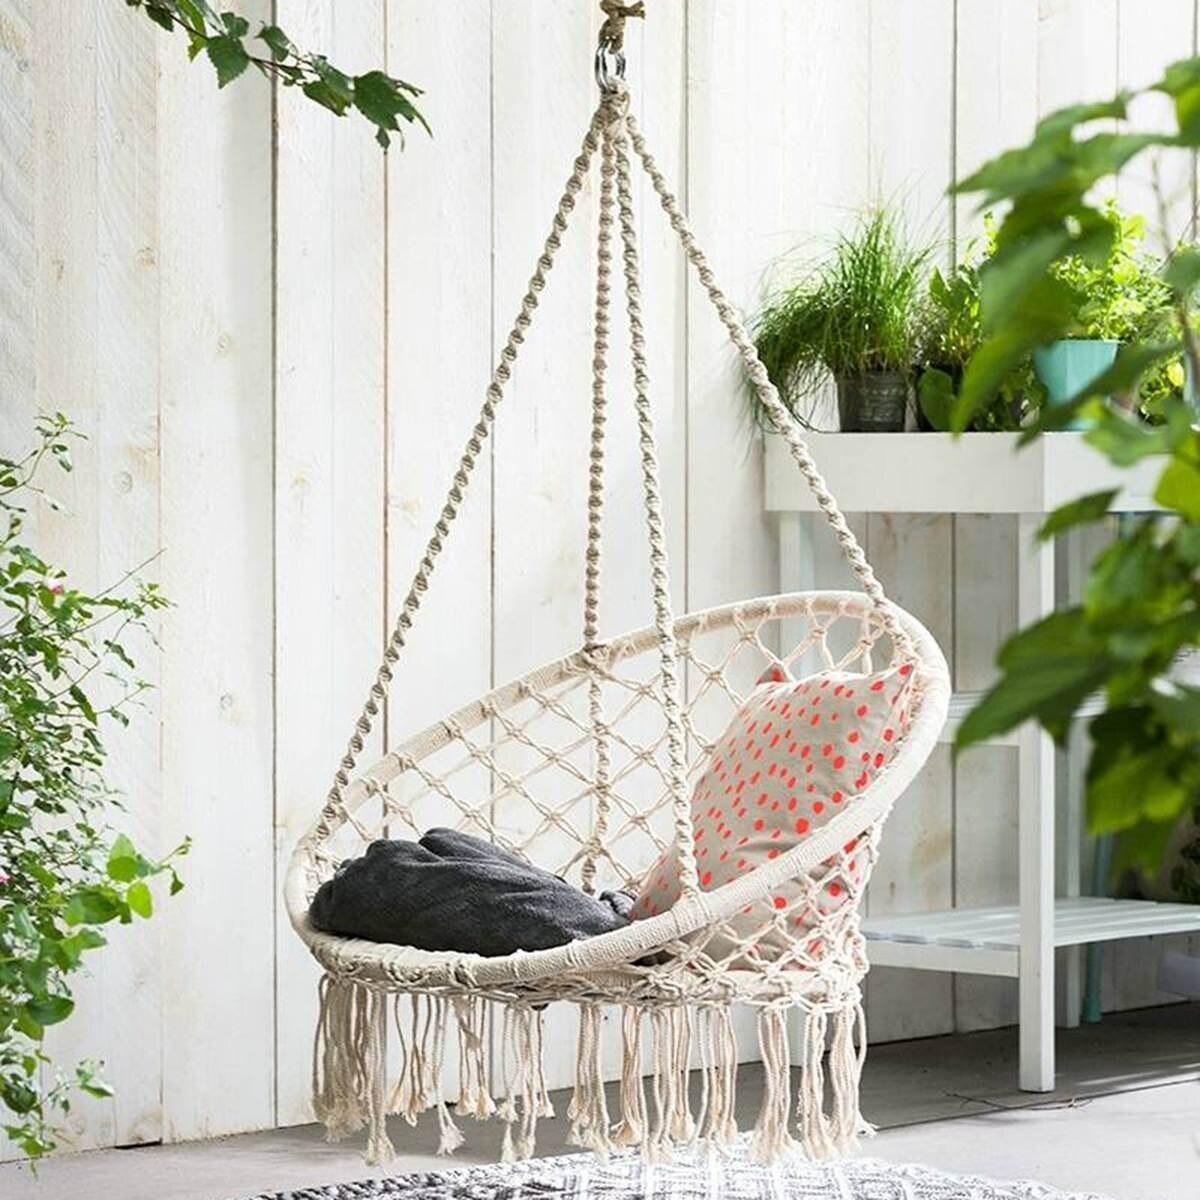 KiWarm Round Hammock Outdoor Indoor Dormitory Bedroom Children Swing Bed Kids Adult Swinging Hanging Single Chair Hammock